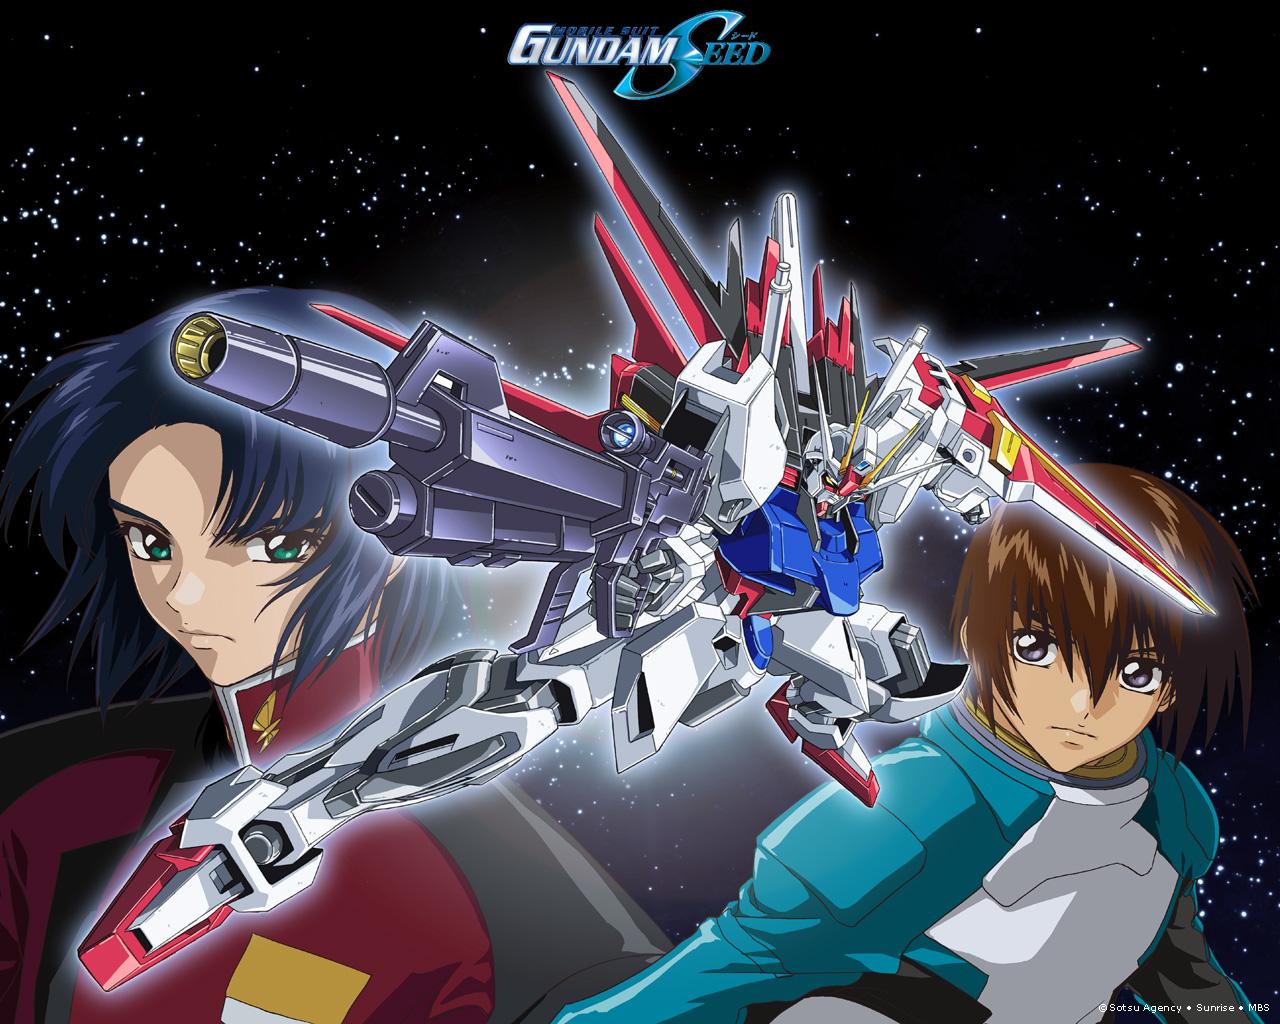 http://3.bp.blogspot.com/-hud_zflDITU/T8Px0kgTwfI/AAAAAAAAAxY/9GnVaMf0F-Q/s1600/Gundam_Seed_001.jpg